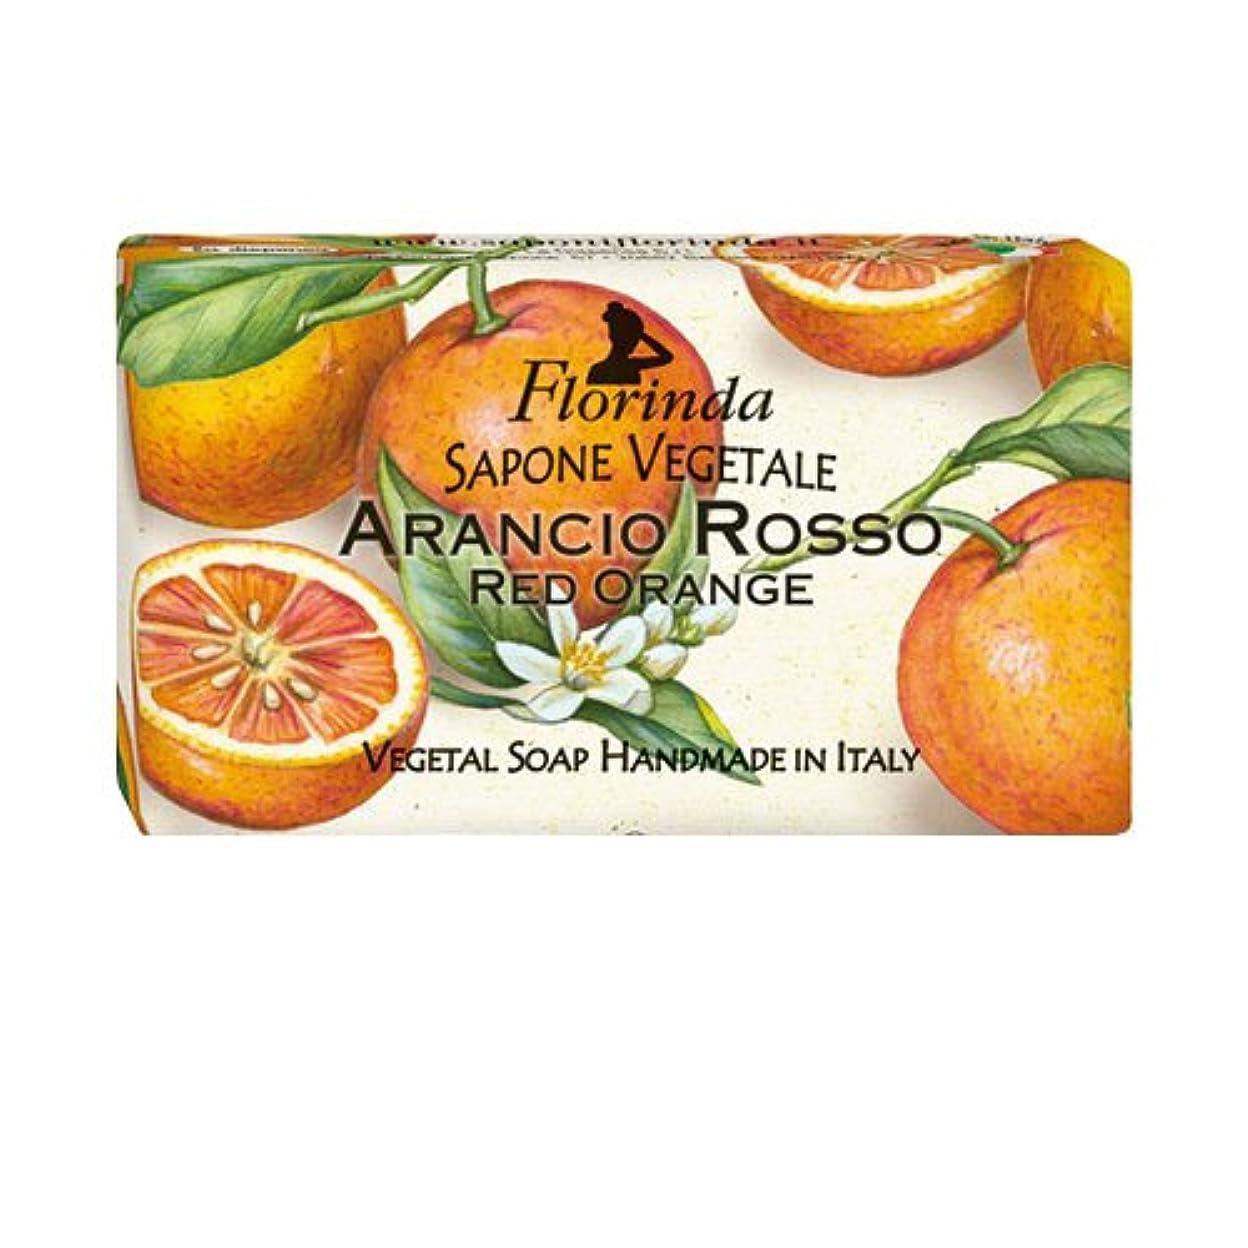 アームストロング印象イノセンスフロリンダ フレグランスソープ フルーツ レッドオレンジ 95g